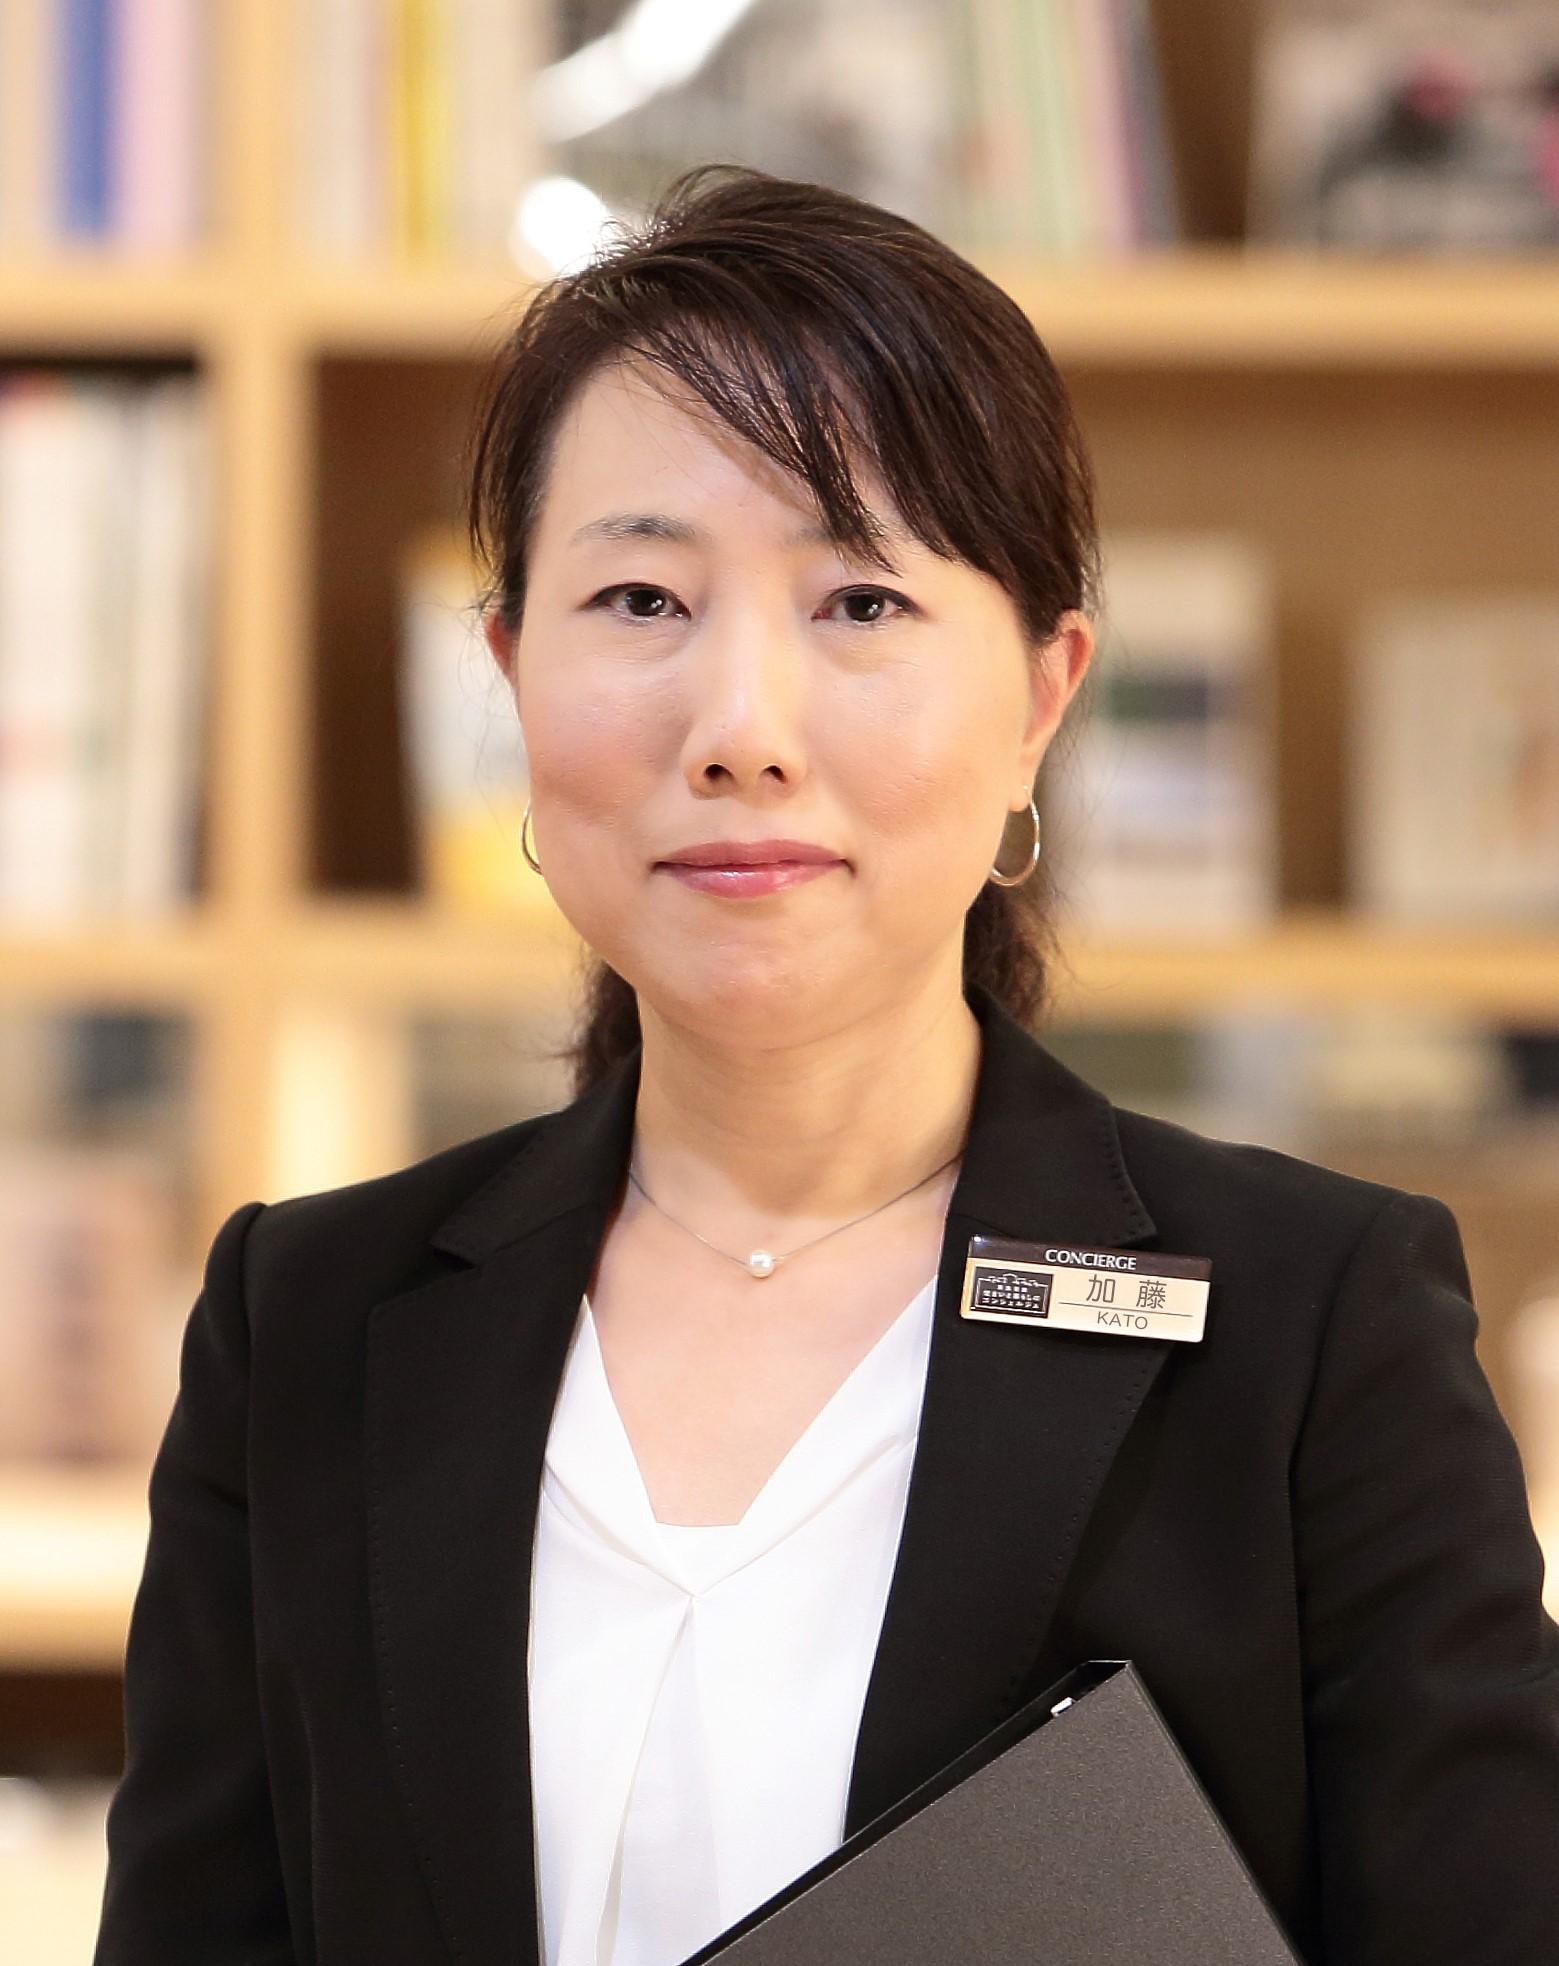 東急株式会社 住まいと暮らしのコンシェルジュ 鷺沼駅前店 副店長 加藤直子